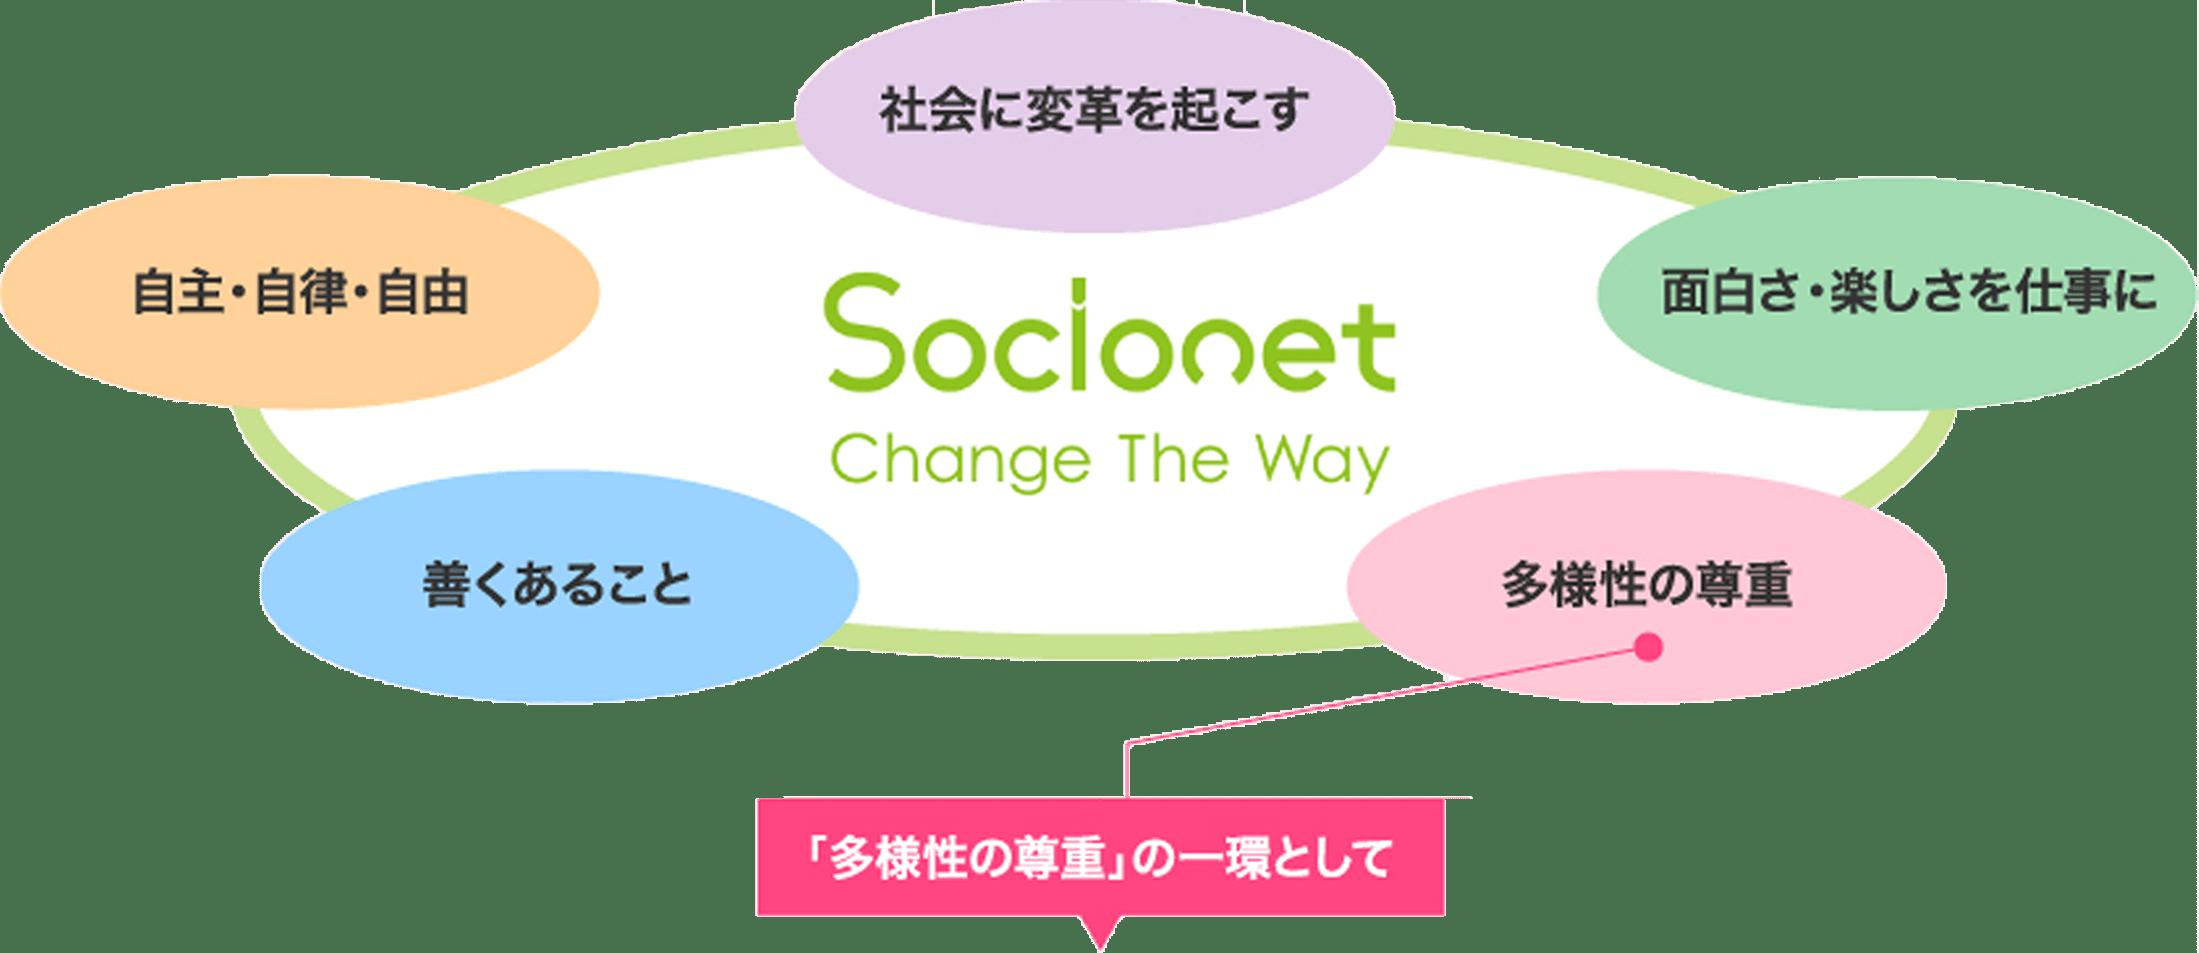 Socionetダイバーシティへの取り組みイメージ図